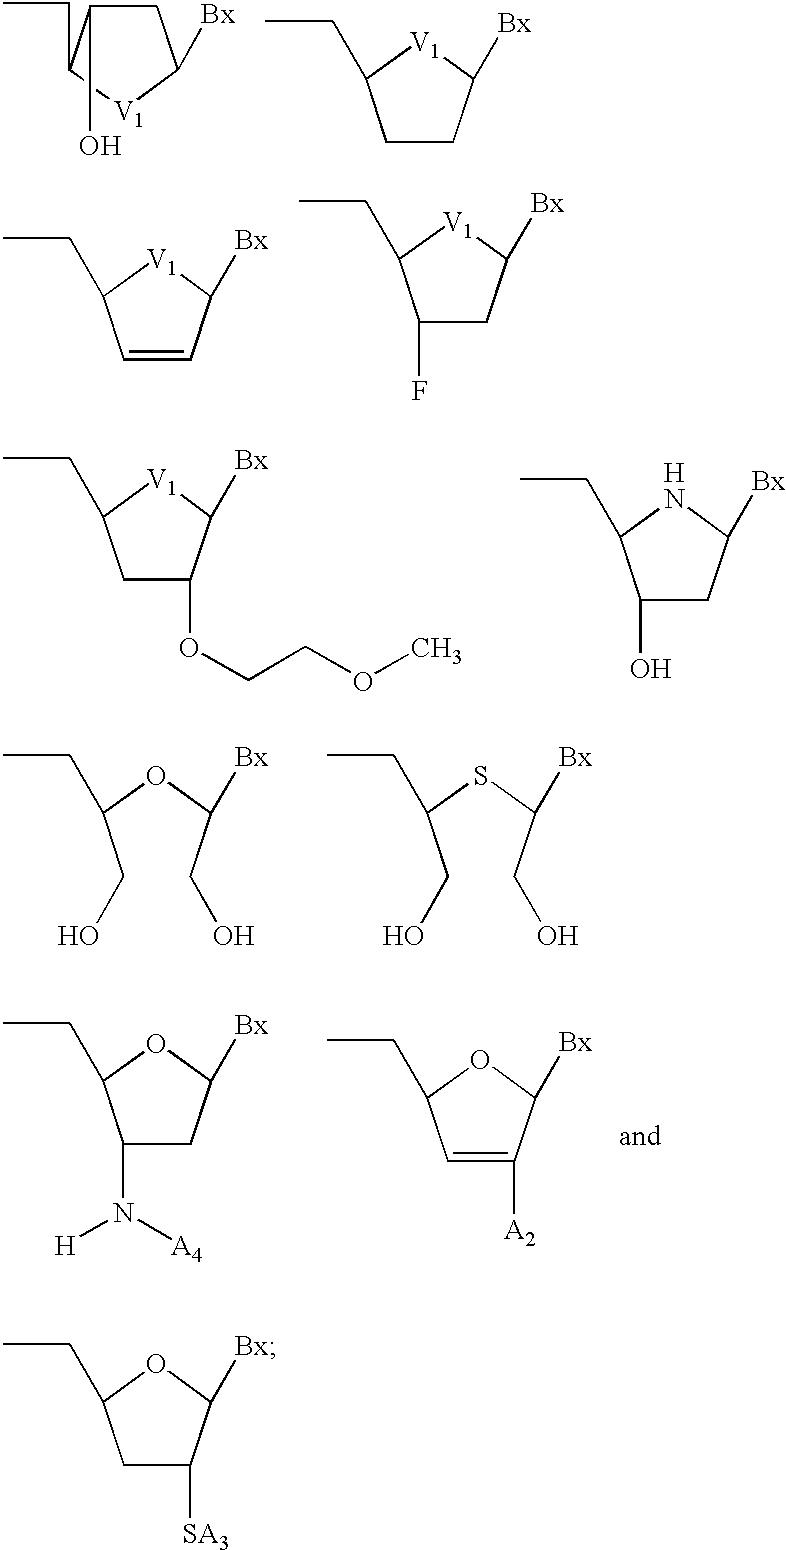 Figure US20030158403A1-20030821-C00003